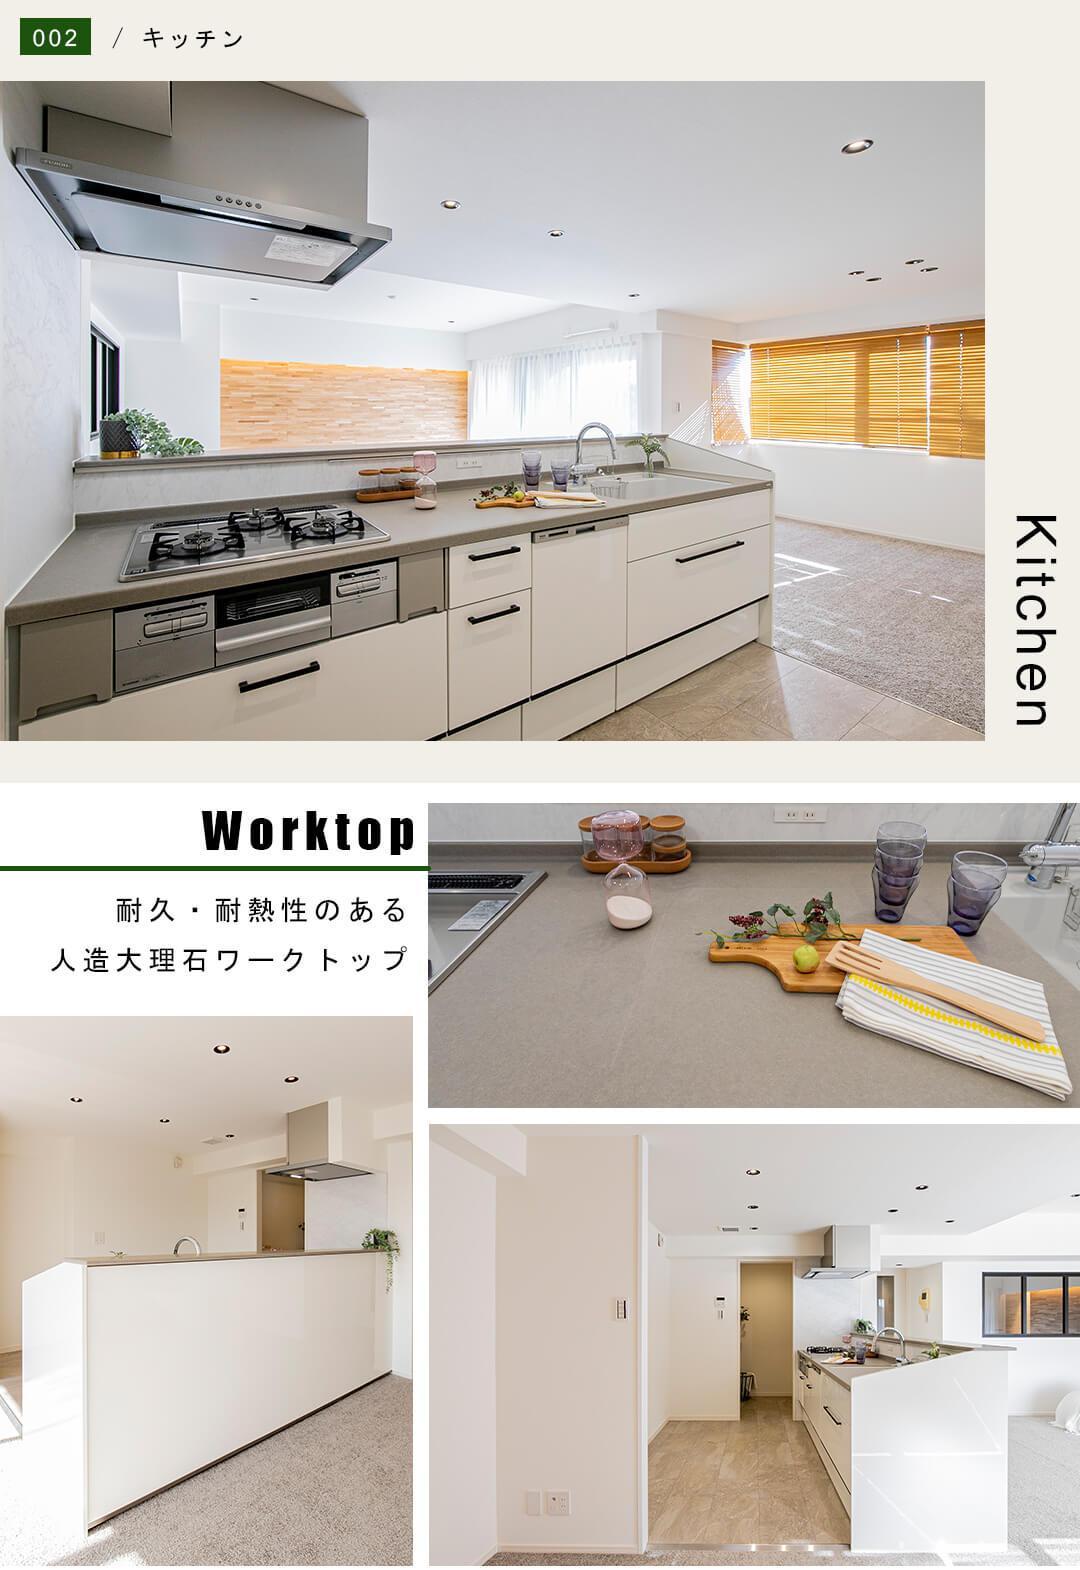 成城ハイム1号棟のキッチン